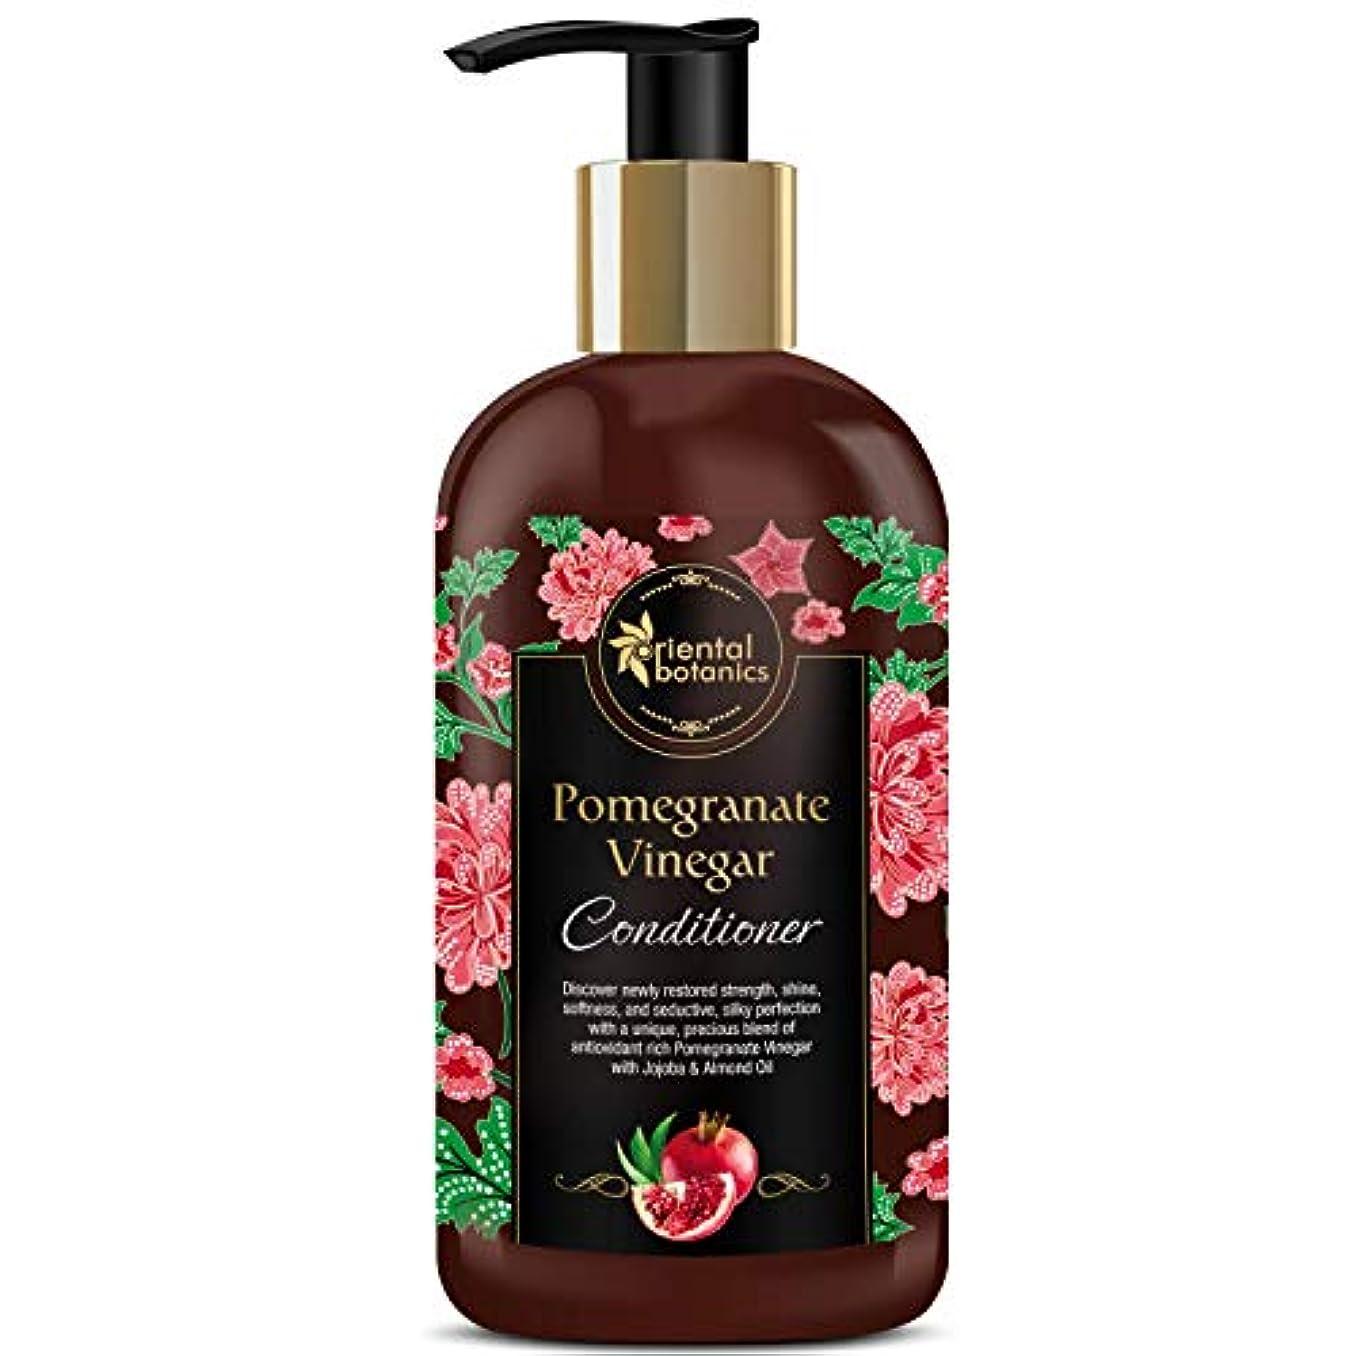 ランチョン資金光景Oriental Botanics Pomegranate Vinegar Conditioner - For Healthy, Strong Hair with Antioxidant Boost & Golden Jojoba...